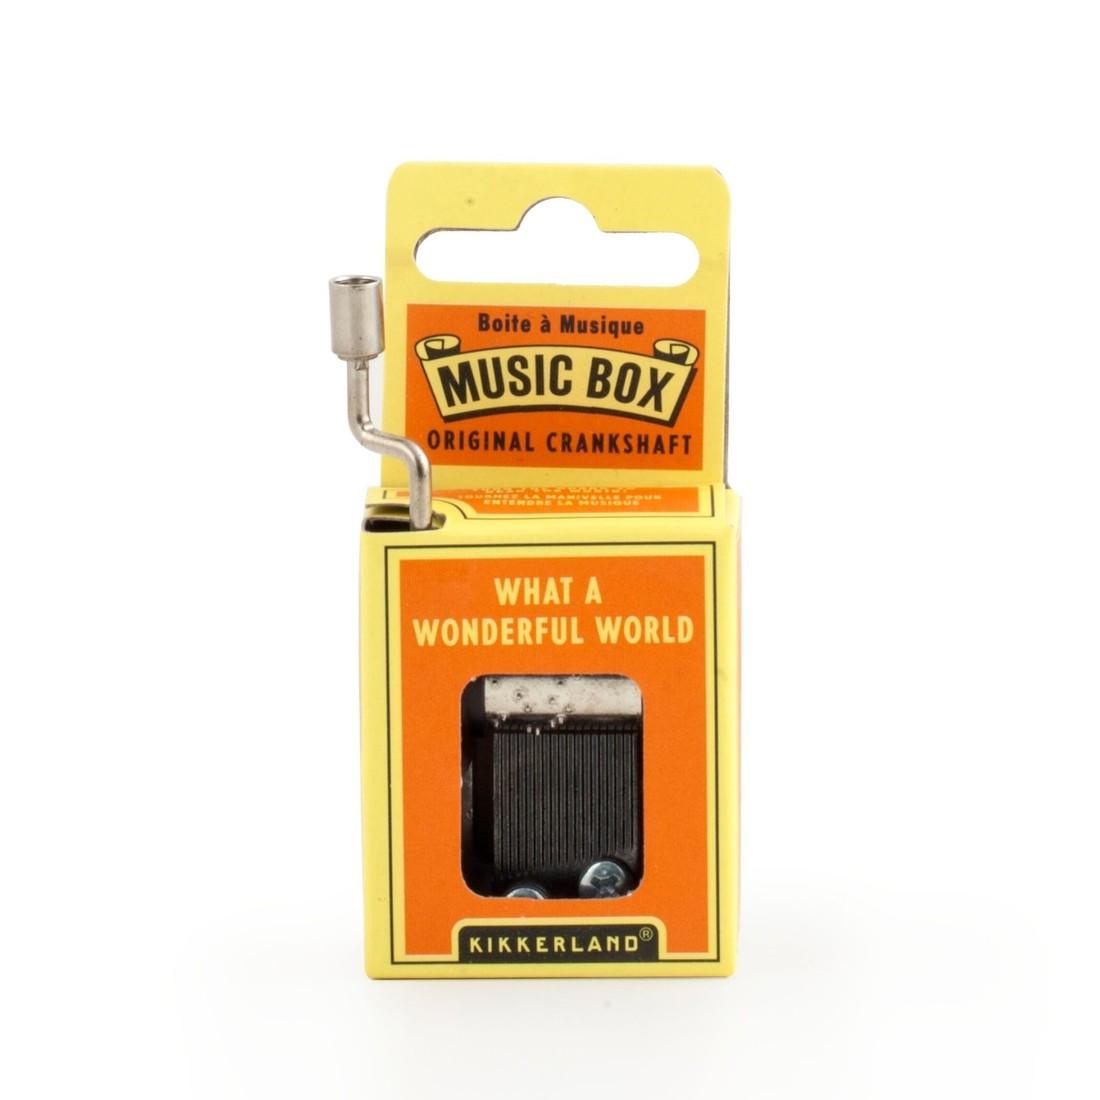 Musik Box - What A Wonderful World